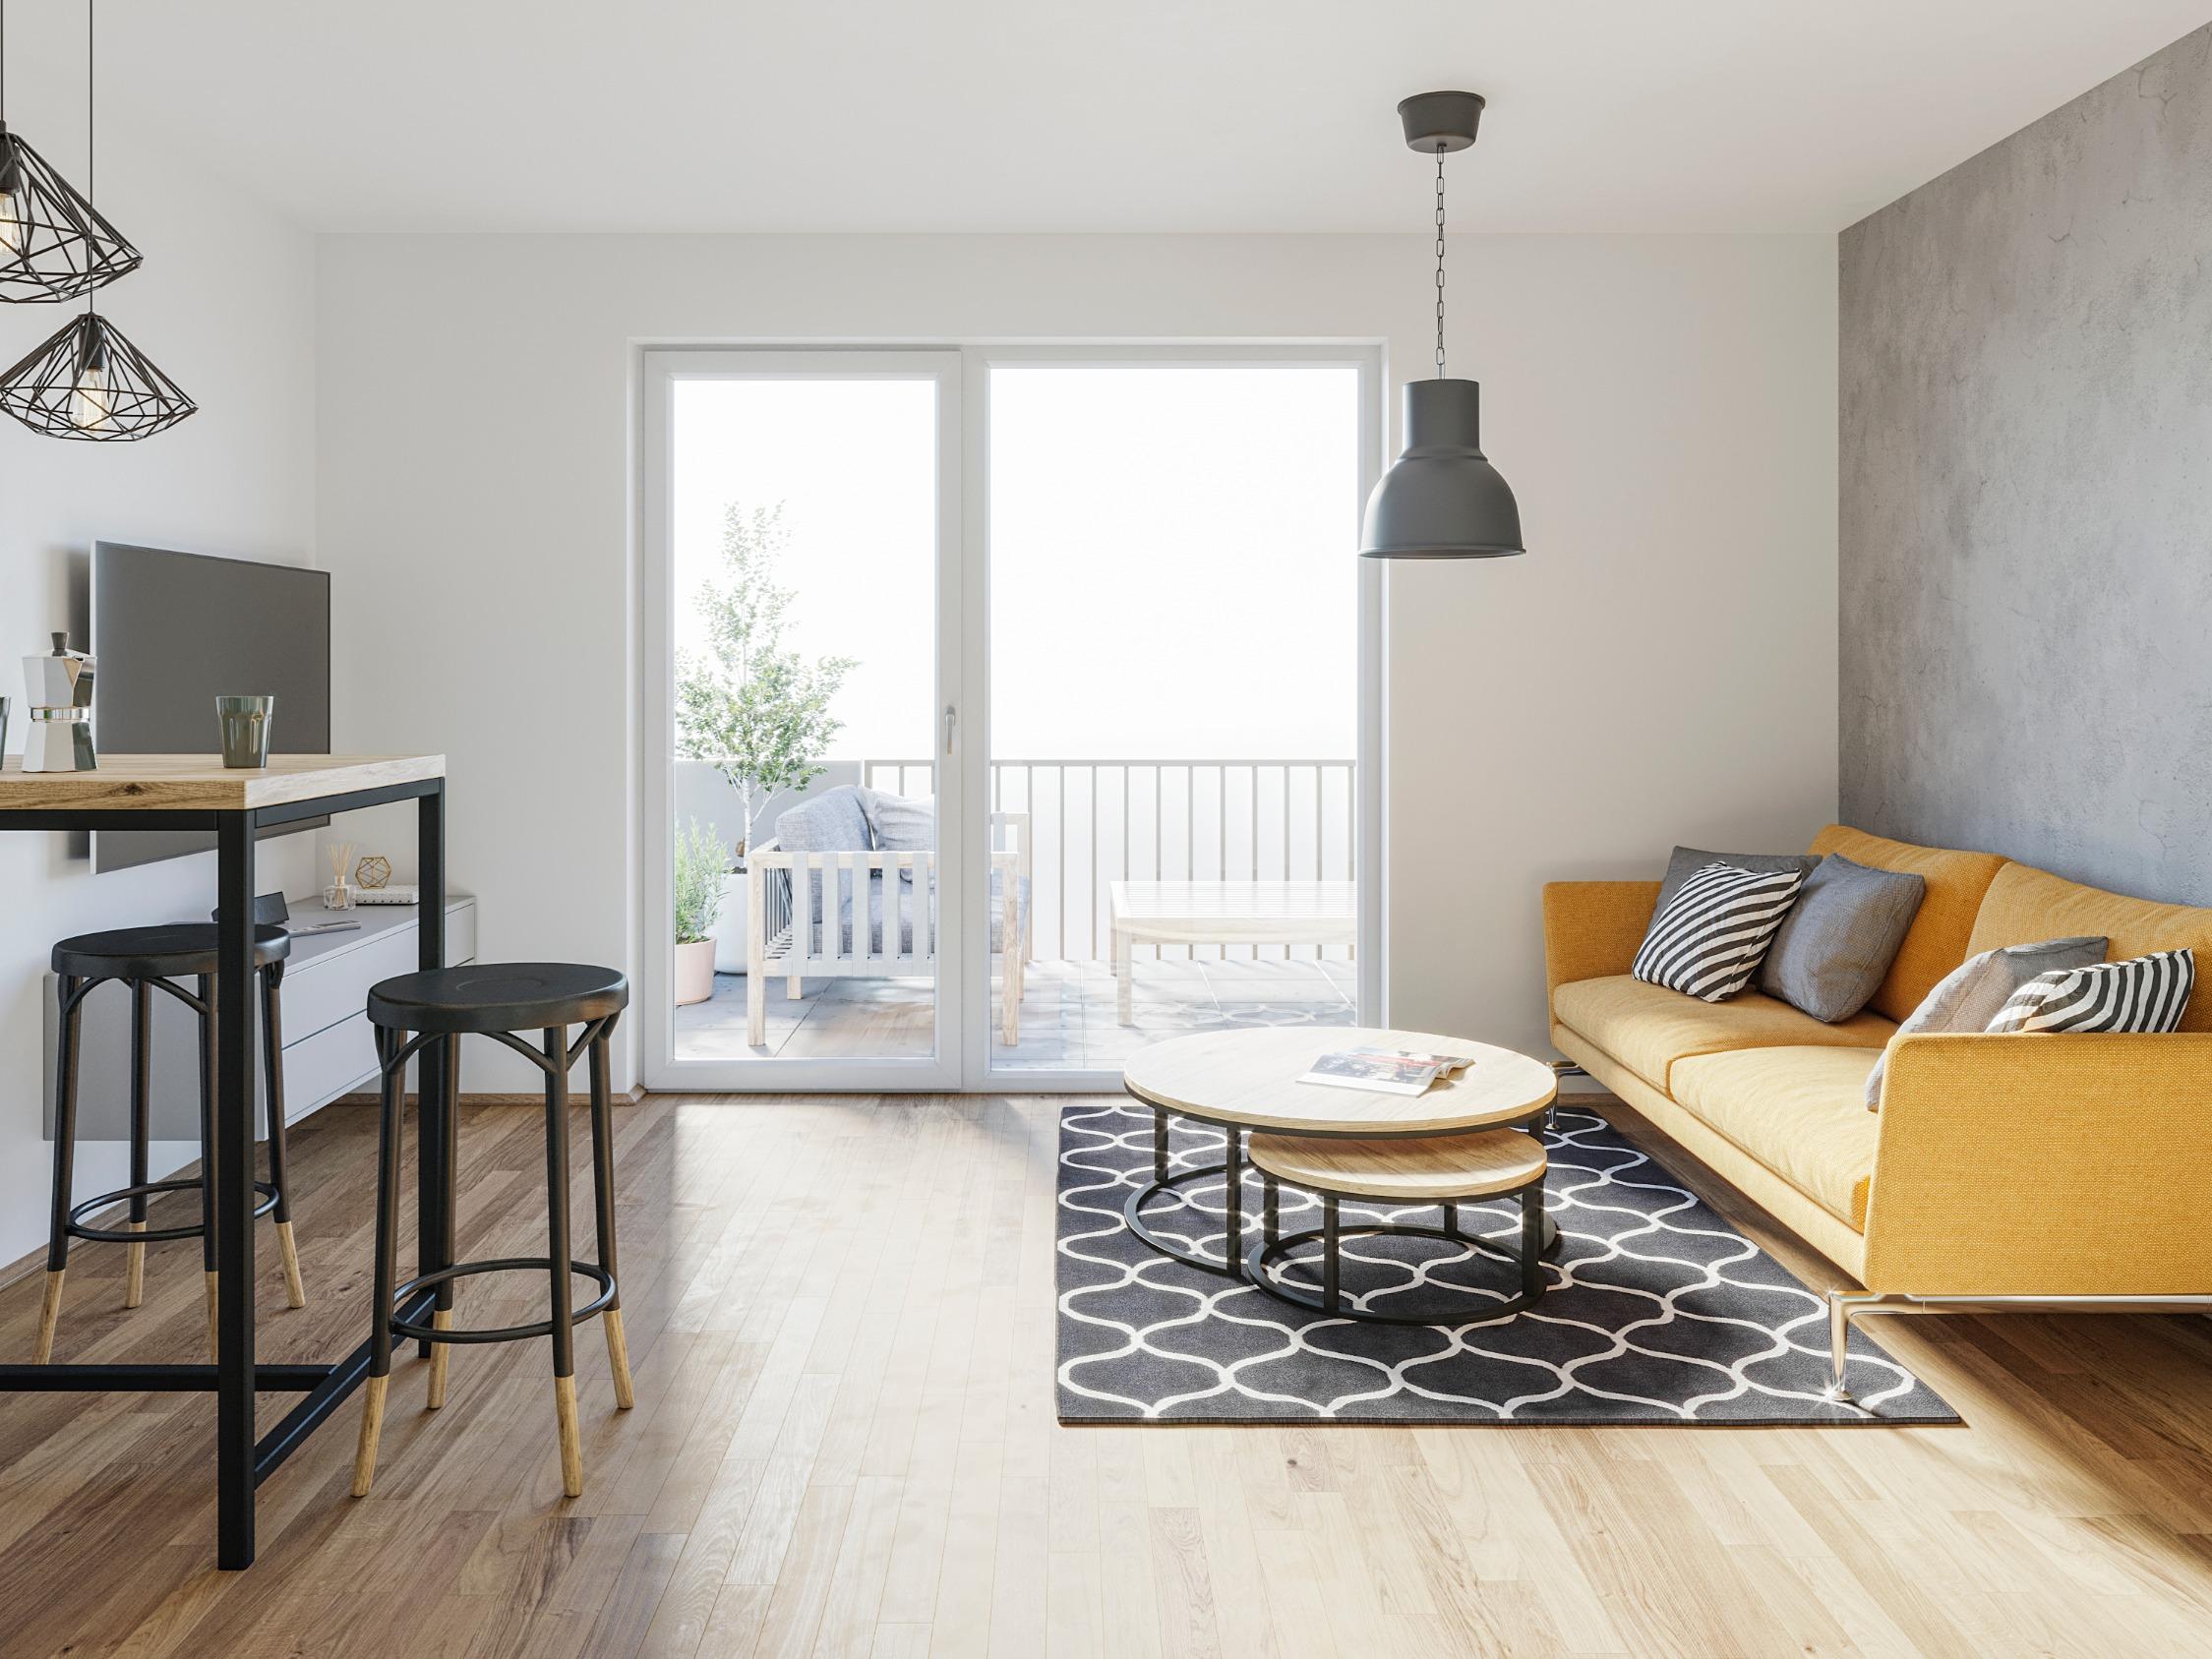 Kauf - 2 Zimmerwohnungen